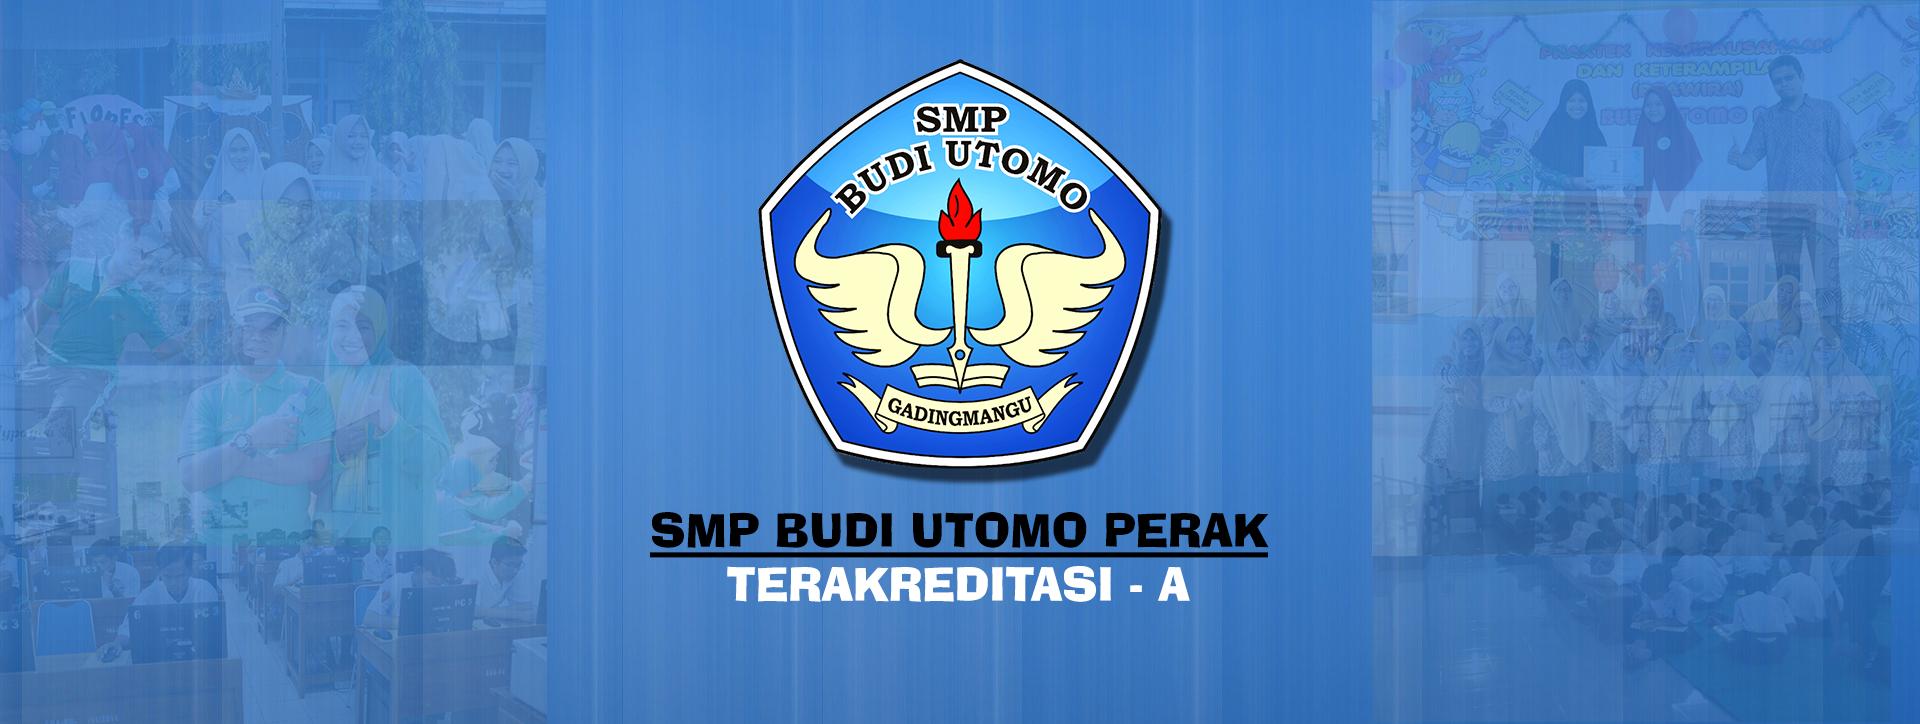 SMP Budi Utomo Perak